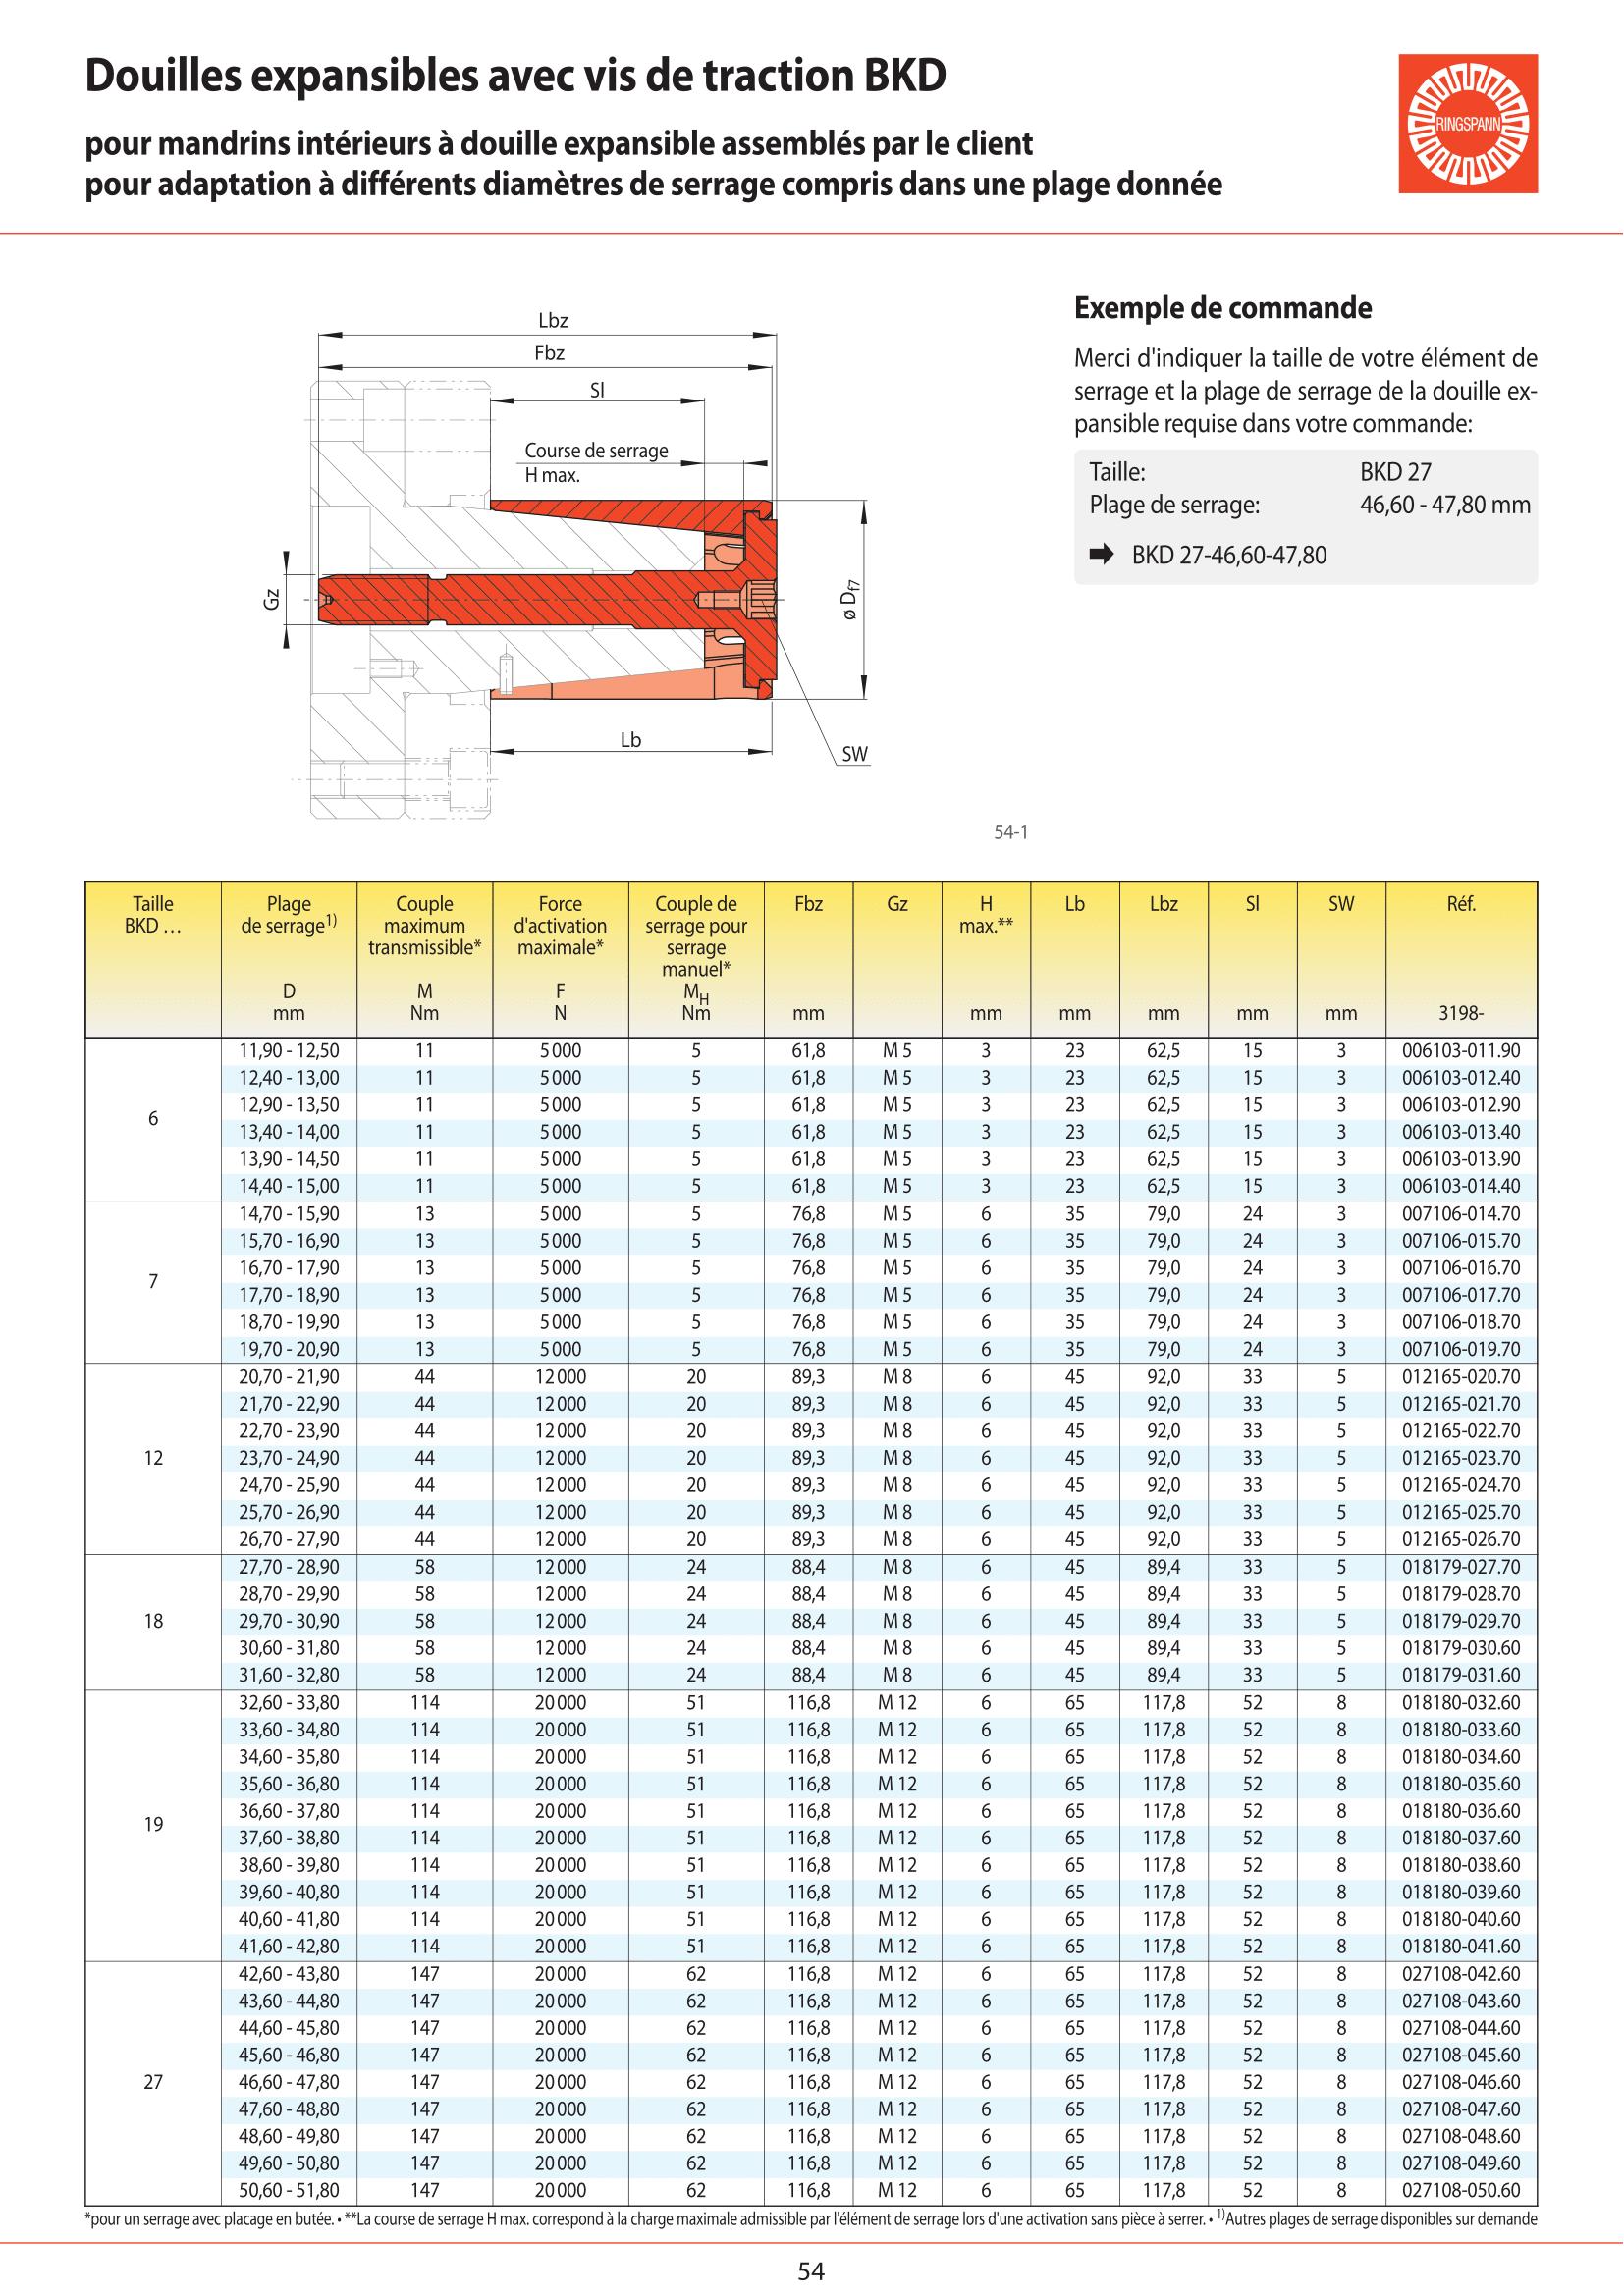 Fiche technique - BKDF 19 page 3